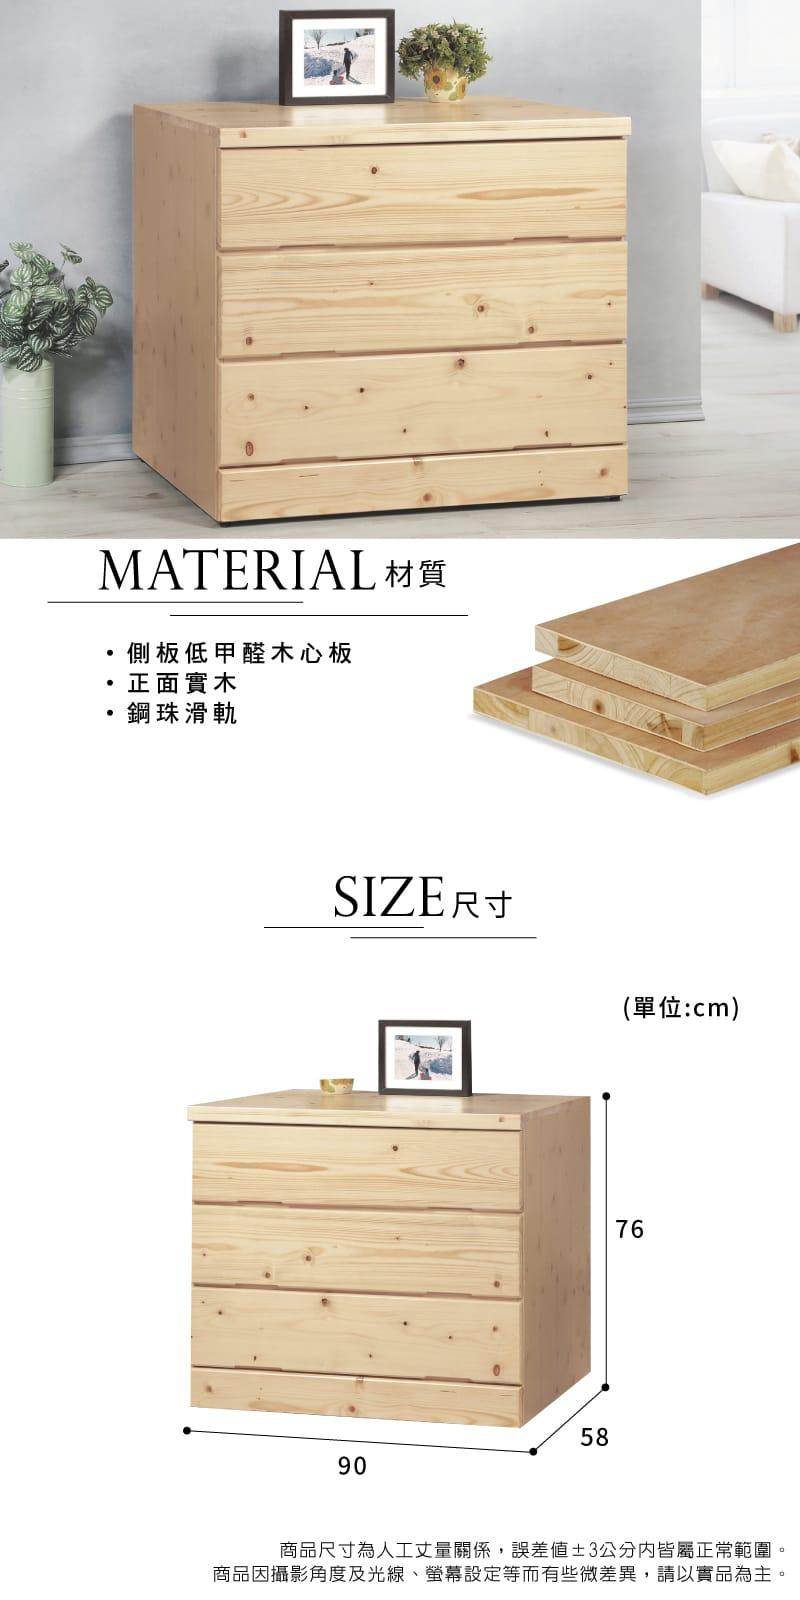 松木收納置物三斗櫃 寬90cm